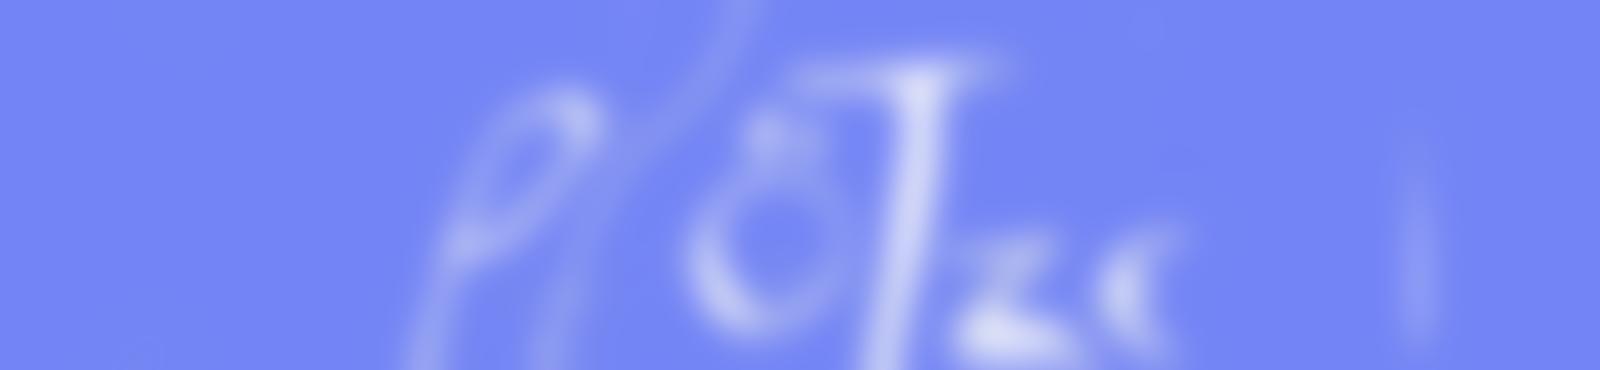 Blurred d58d91da f2bc 44c3 8873 45b8d45ed908